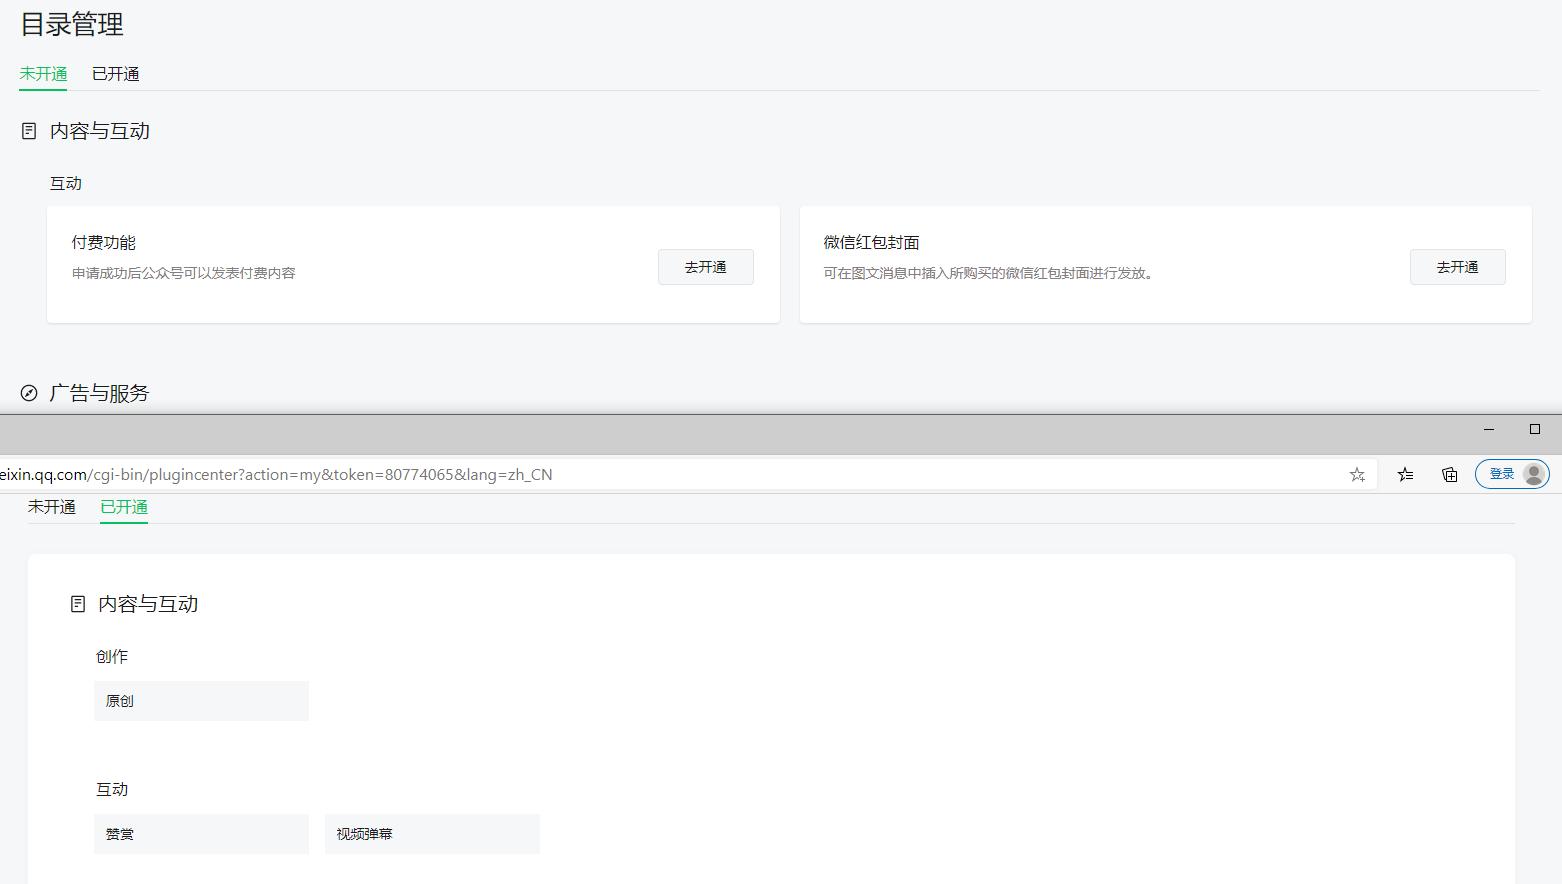 发现报错的公众号,已开通页面中不存在:互动 - 留言 功能。未开通页面中也不存在:互动 - 留言 功能。